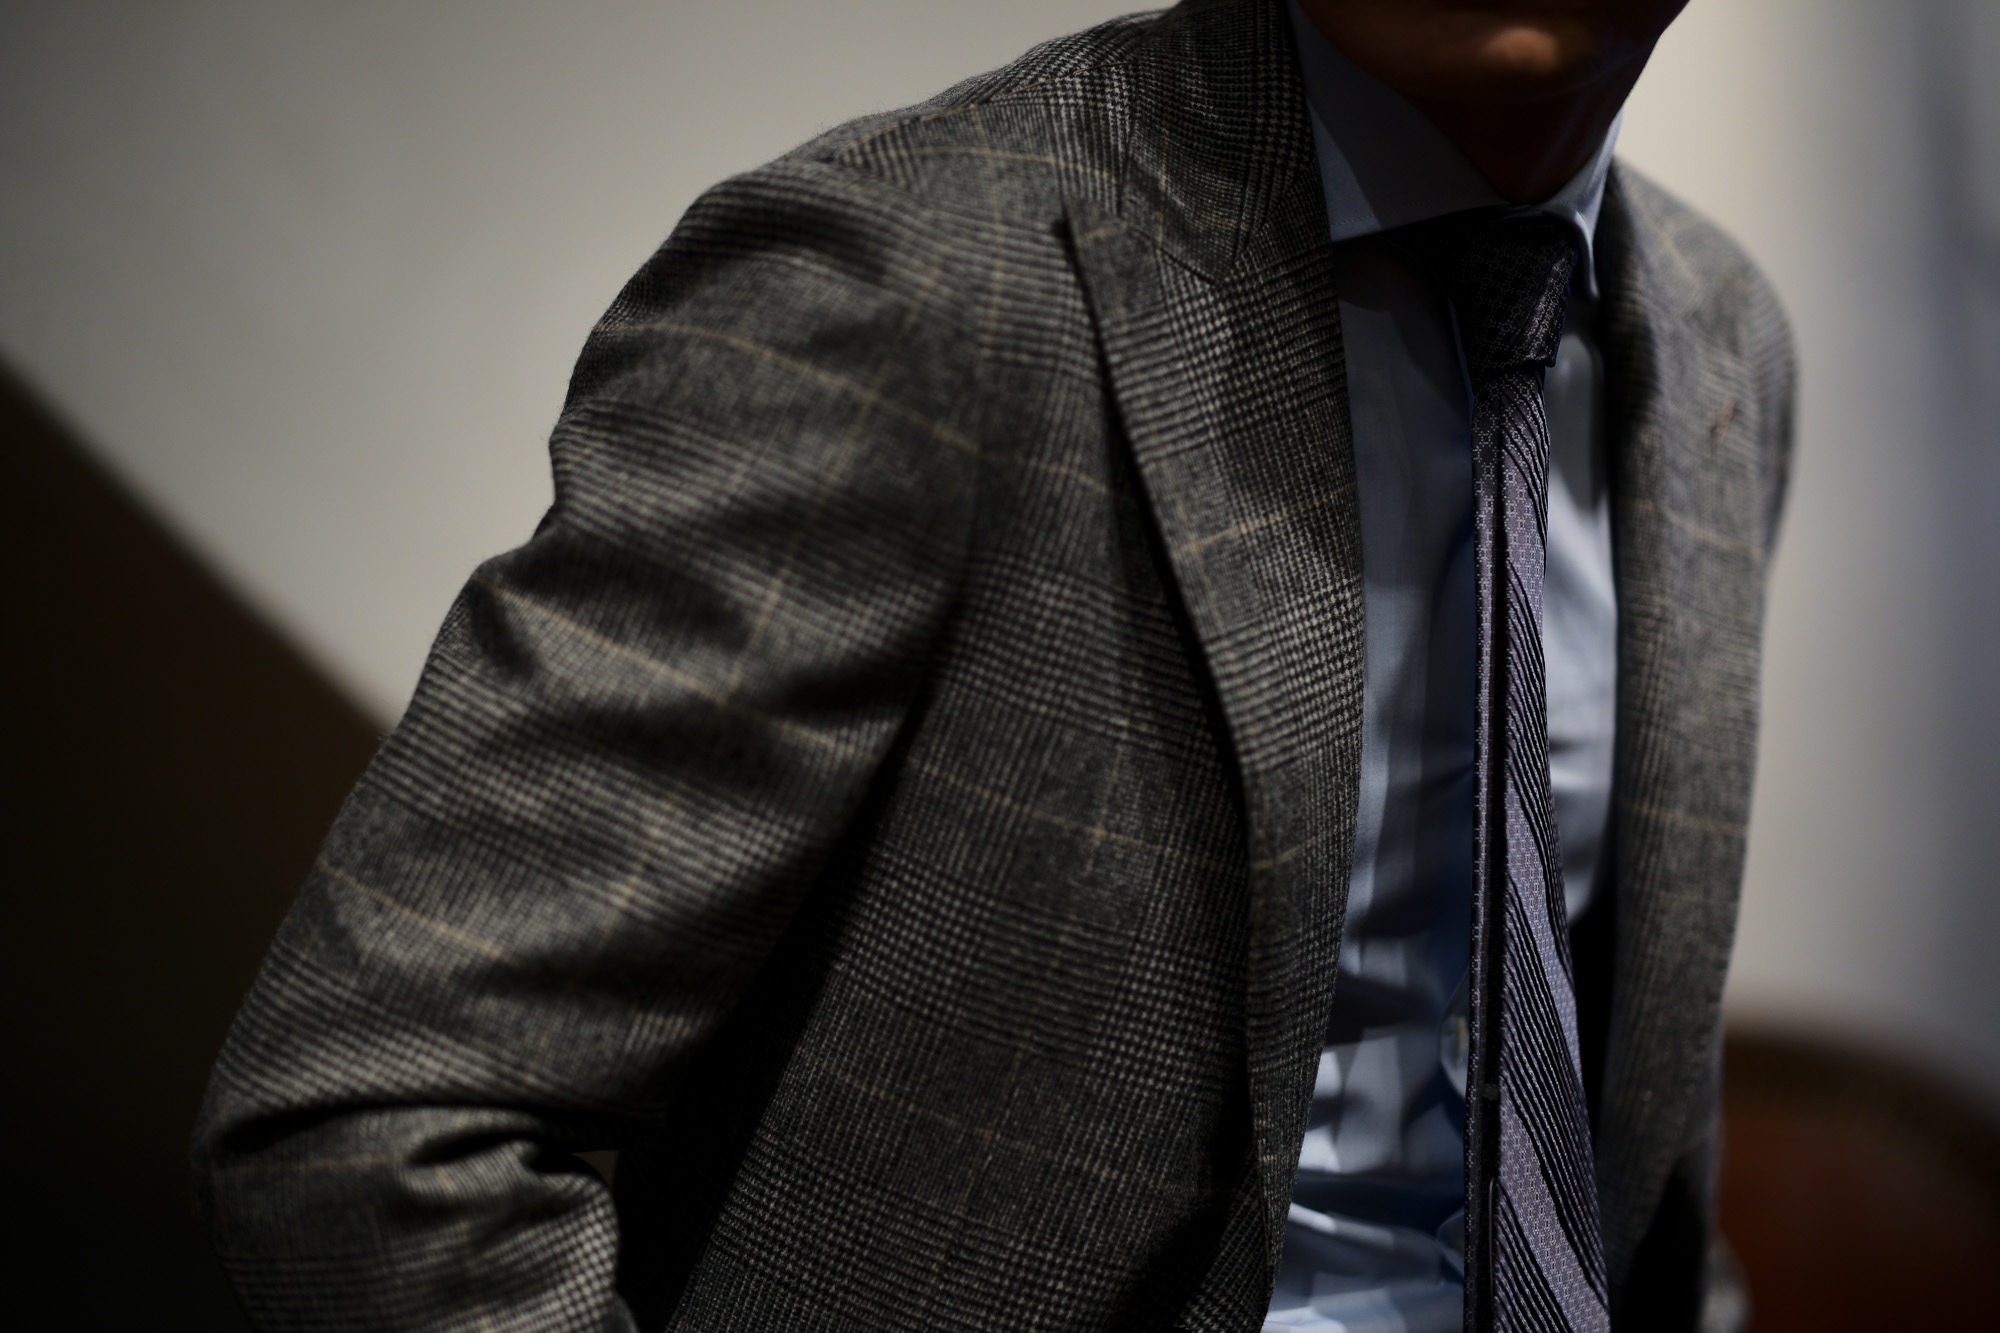 STEFANO RICCI (ステファノリッチ) PLEATS TIE (プリーツタイ) シルク プリント プリーツ ネクタイ BLACK×GRAY (ブラック×グレー) Made in italy (イタリア製) 2018 秋冬新作 stefanoricci 愛知 名古屋 alto e diritto アルトエデリット altoediritto